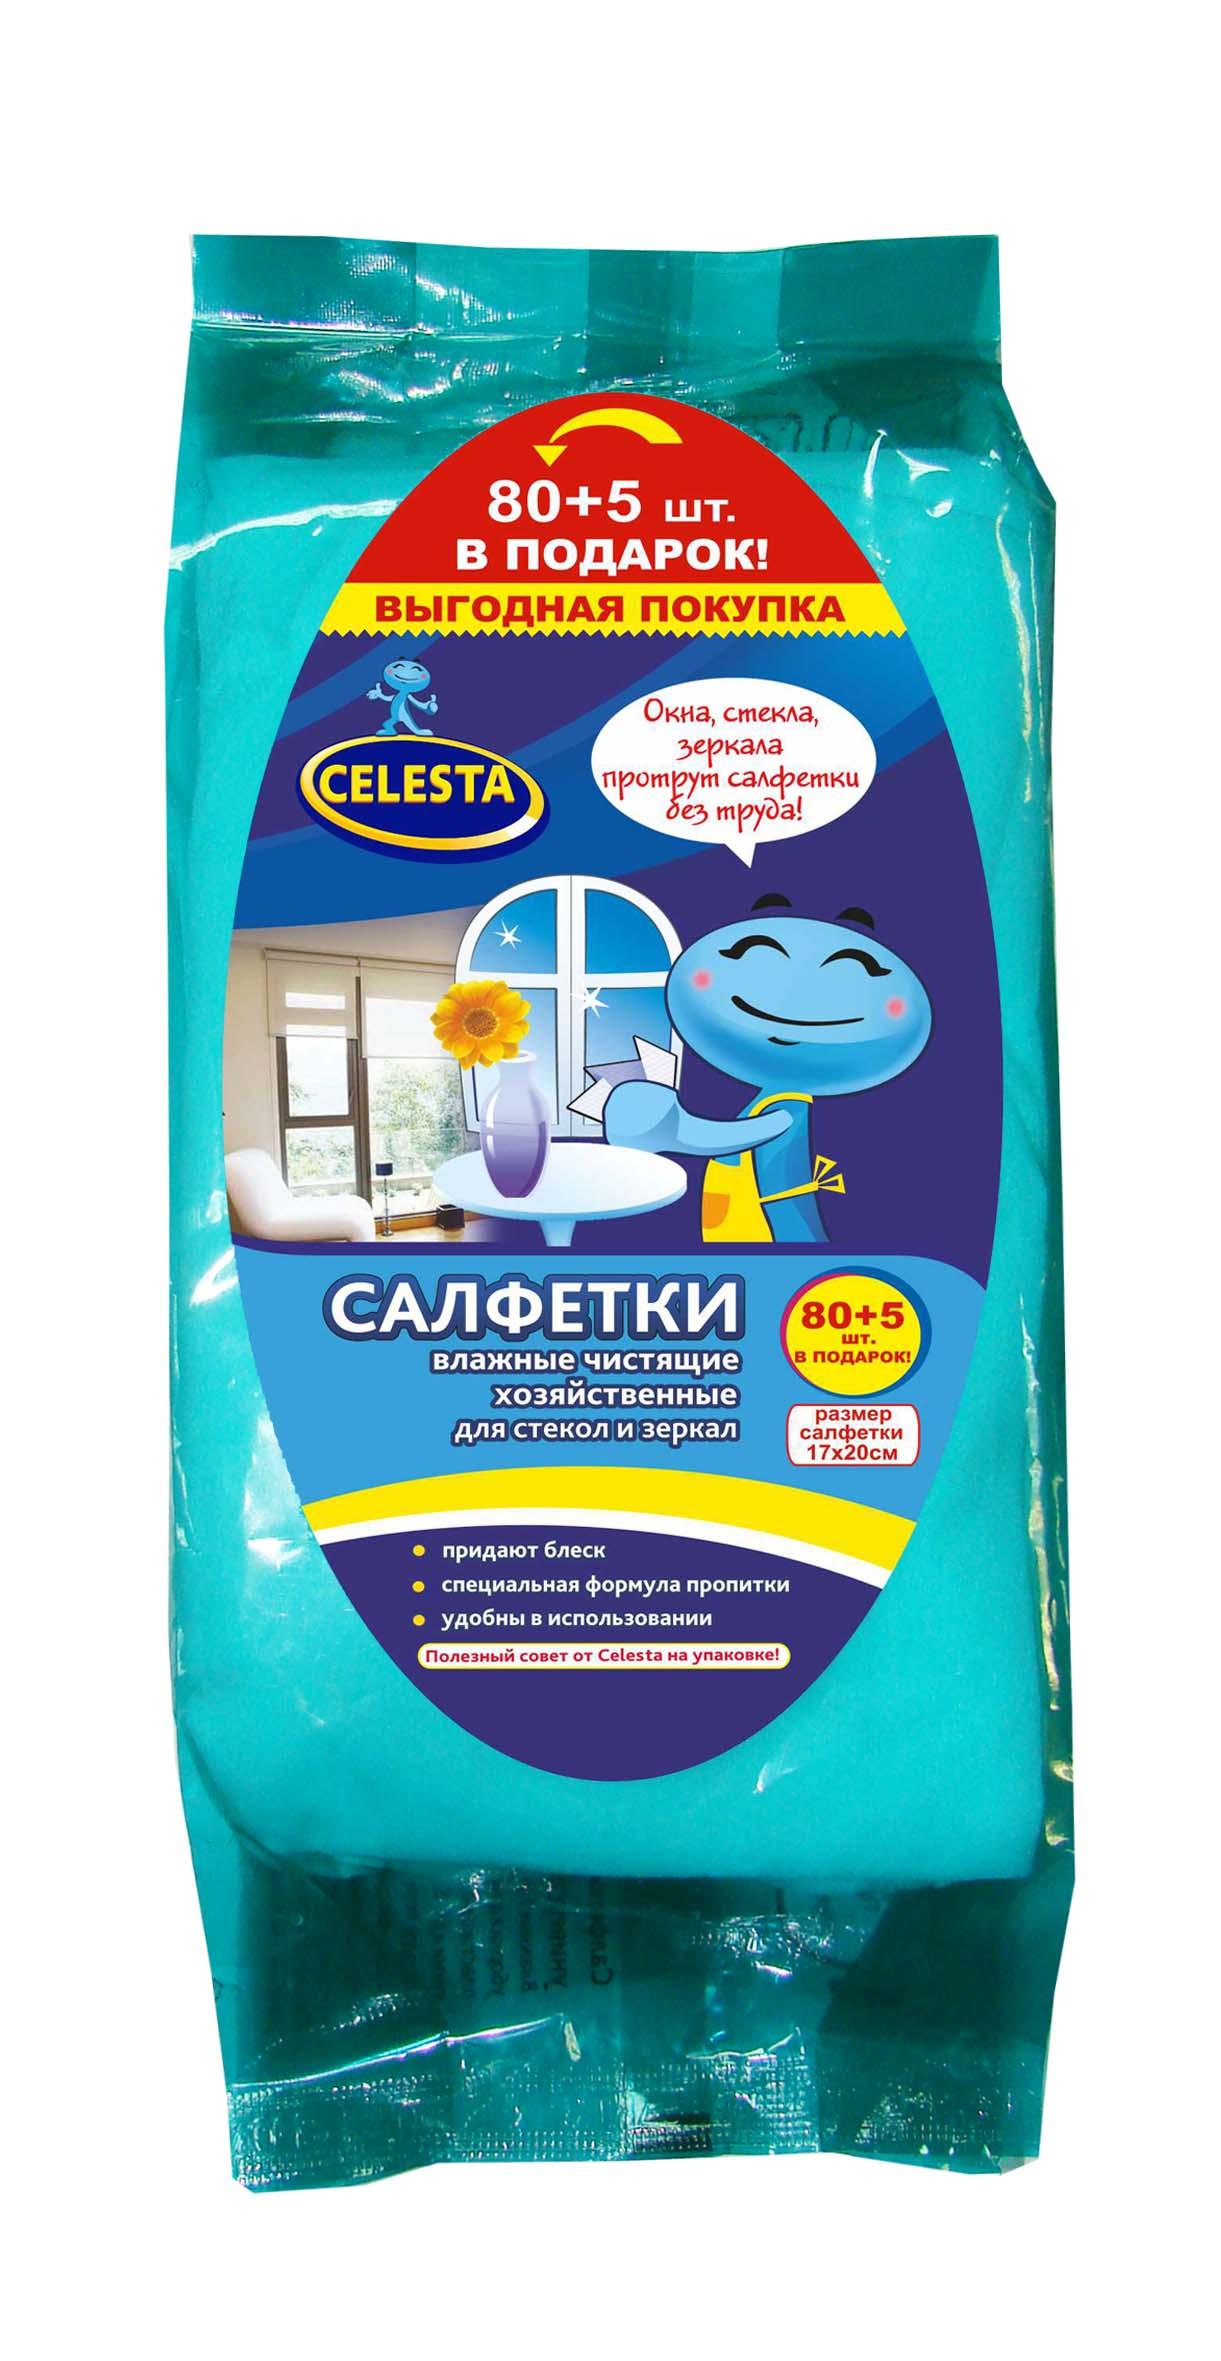 Салфетки влажные Celesta, для стекол и зеркал, 85 шт5598Влажные чистящие салфетки Celesta быстро очистят стеклянные поверхности и зеркала от любых видов загрязнений и пыли. Благодаря специальной формуле пропитки, не оставляют разводов, ворсинок, придают блеск обрабатываемым поверхностям. Пропитывающий состав безопасен для кожи рук. Размер салфетки: 17 см х 20 см. Состав: нетканое полотно, пропитывающий лосьон.